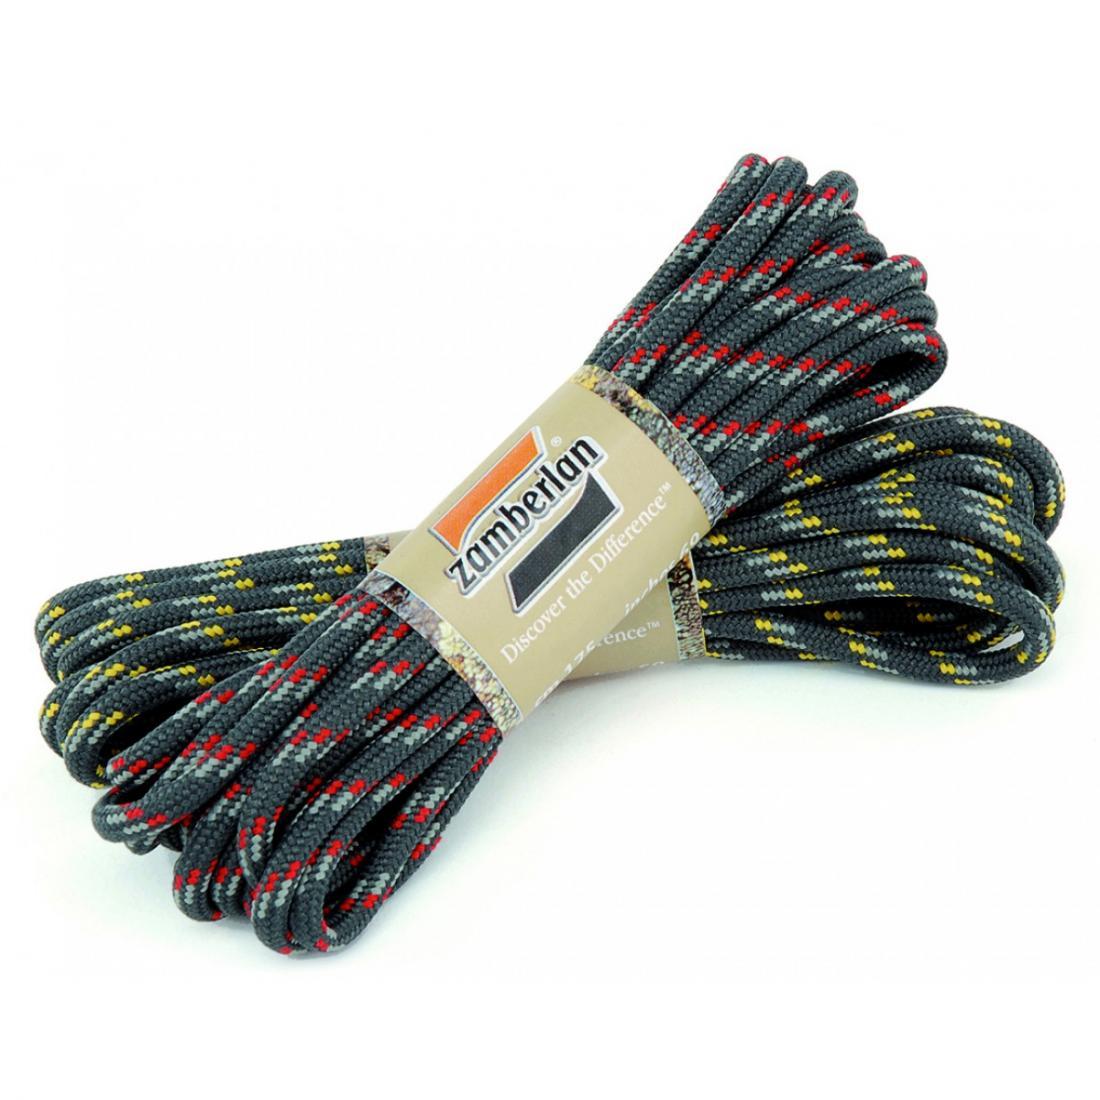 Шнурки круглые CMS.Шнурки<br>Шнурки Zamberlan® производятся из особо прочной синтетической ткани и полиэстеровых нитей, сохраняющих свою молекулярную структуру при воздействии различных внешних факторов. Особая структура волокна гарантирует максимальную износоустойчивость, а высок...<br><br>Цвет: Черный<br>Размер: 150